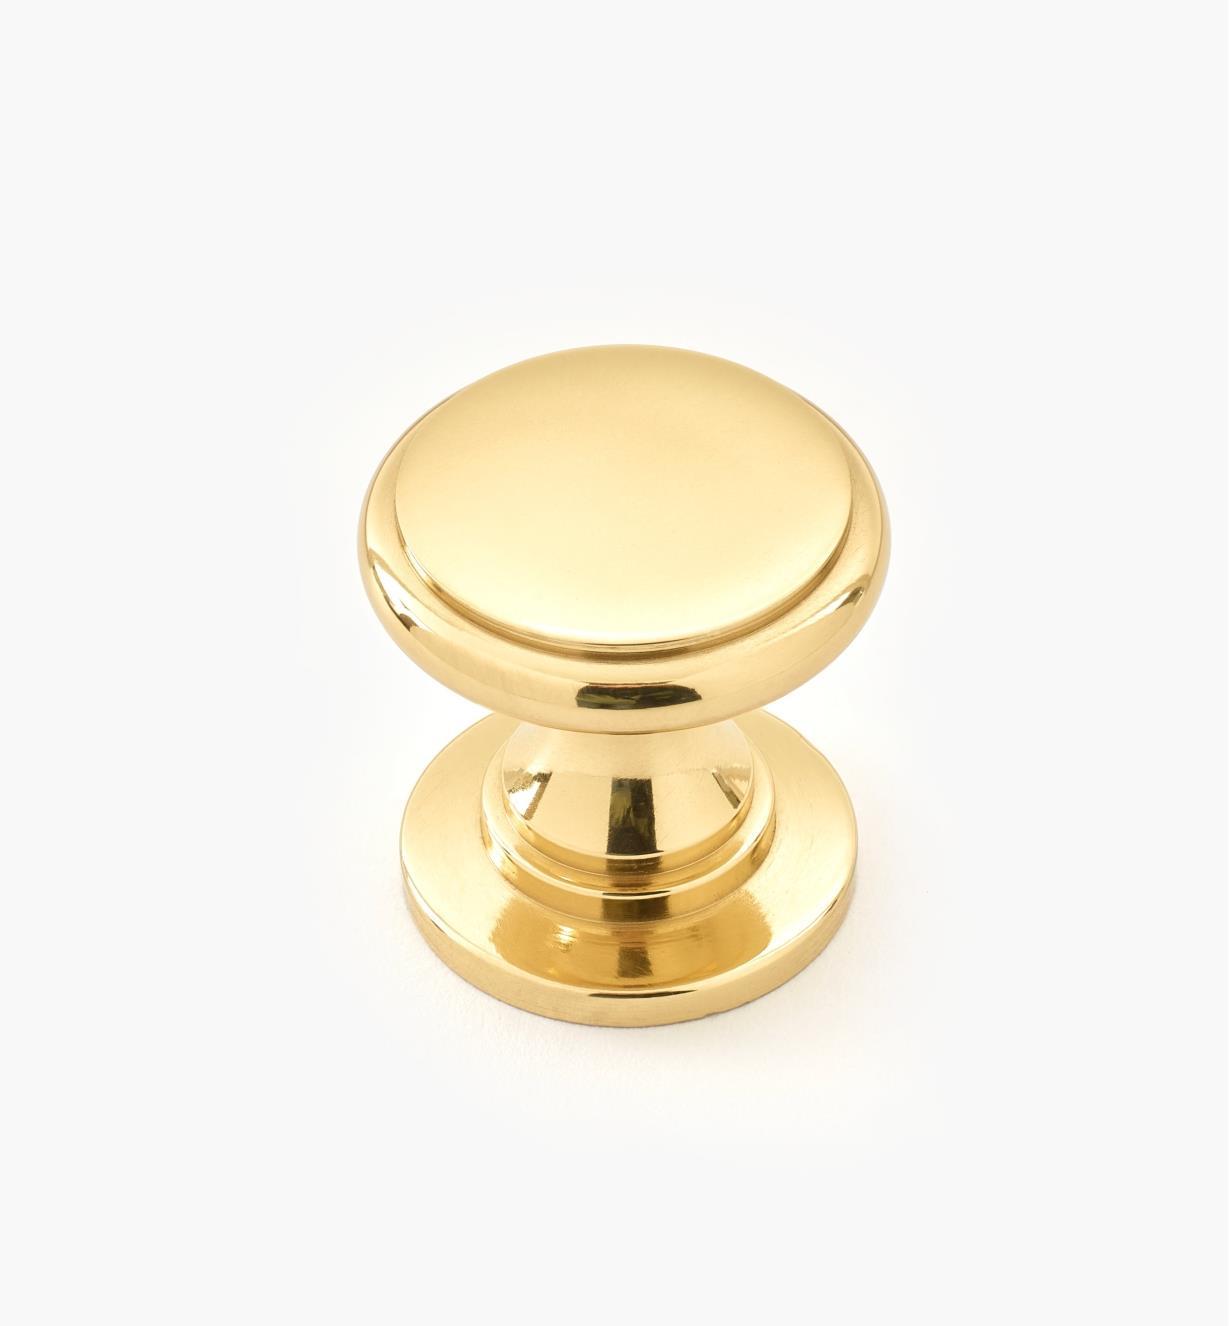 """00W3420 - 3/4"""" x 3/4"""" Small Brass Knob"""